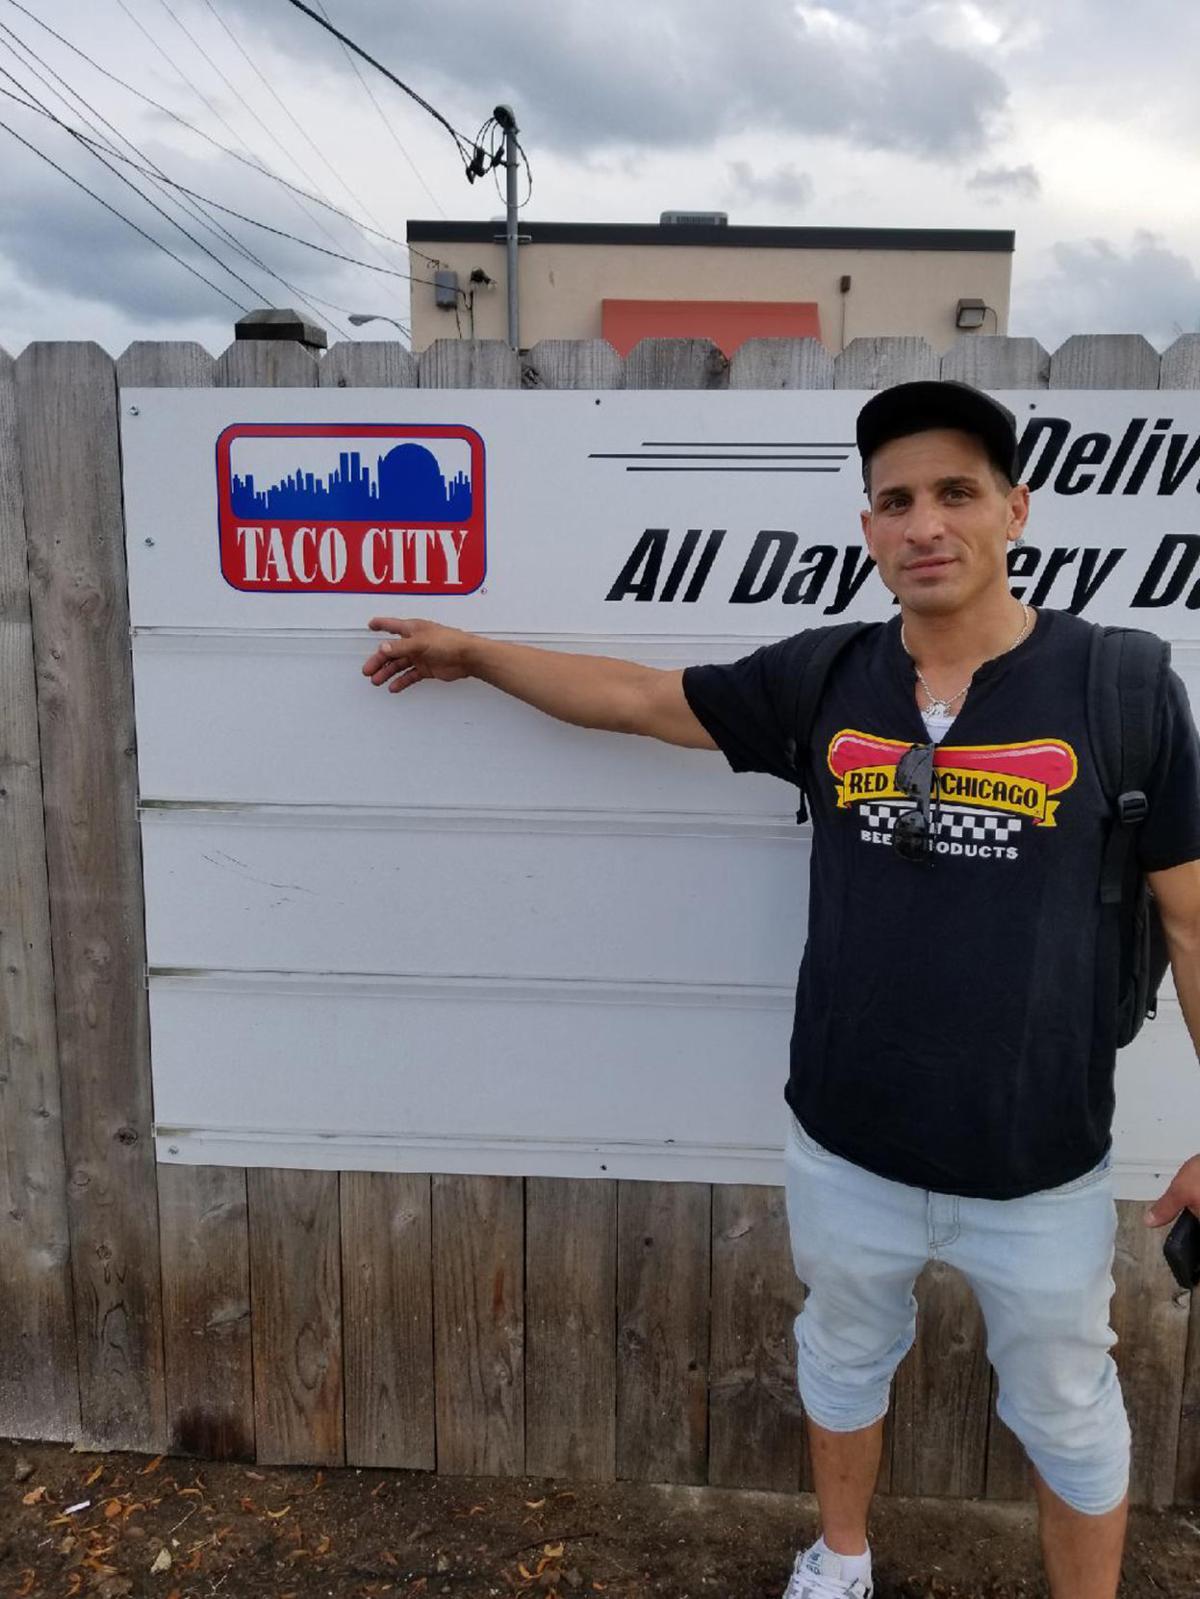 taco city 1.jpg